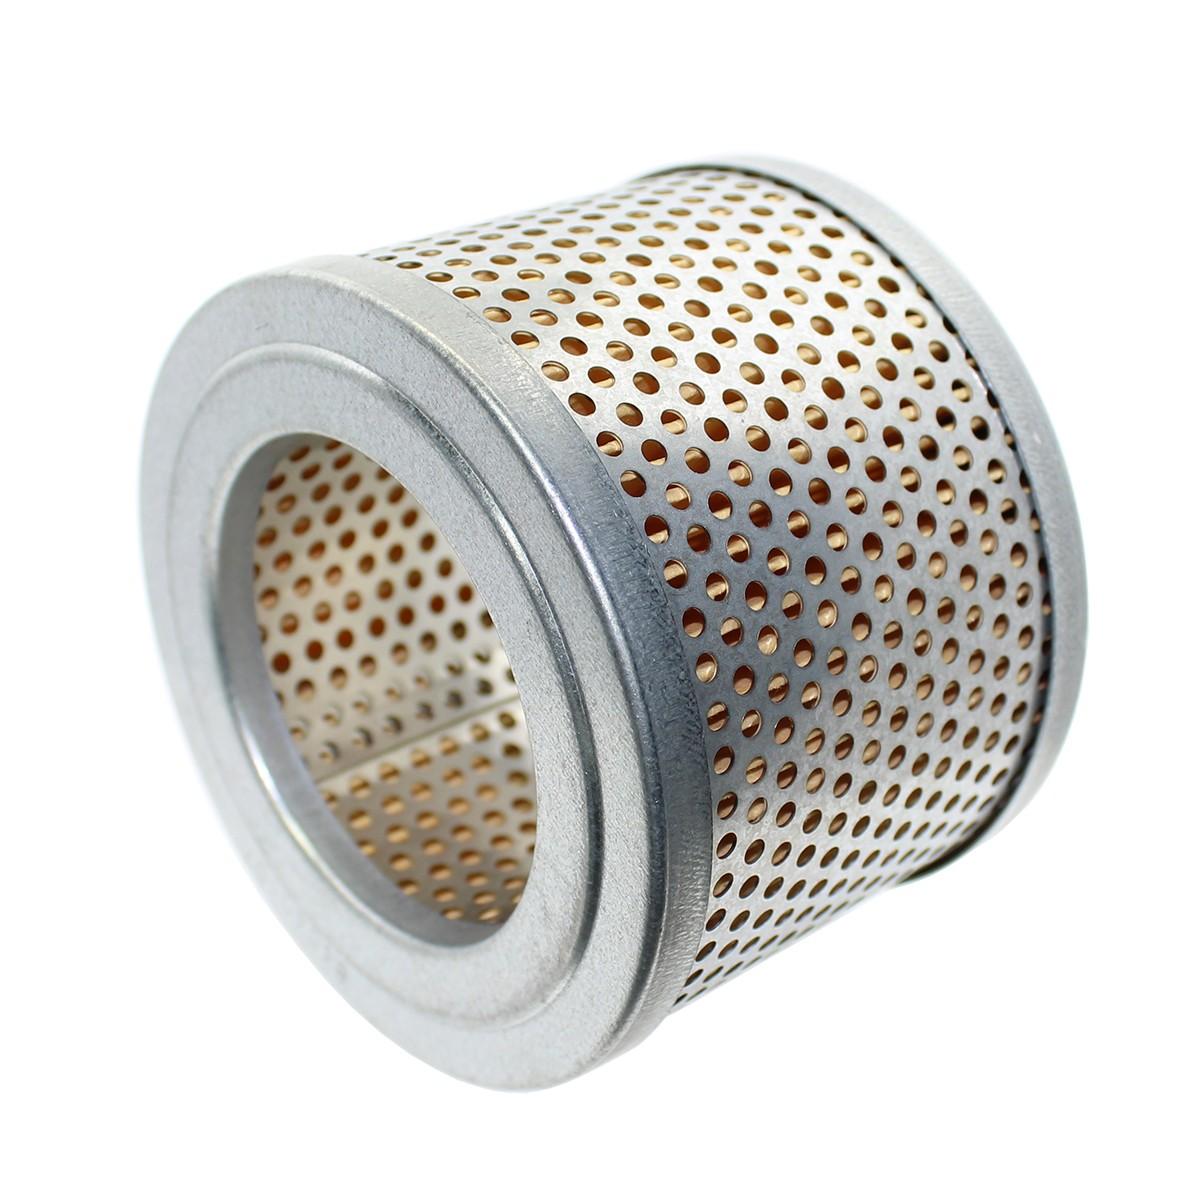 Vacuum Pump Intake Filter For L25 & L40 Units